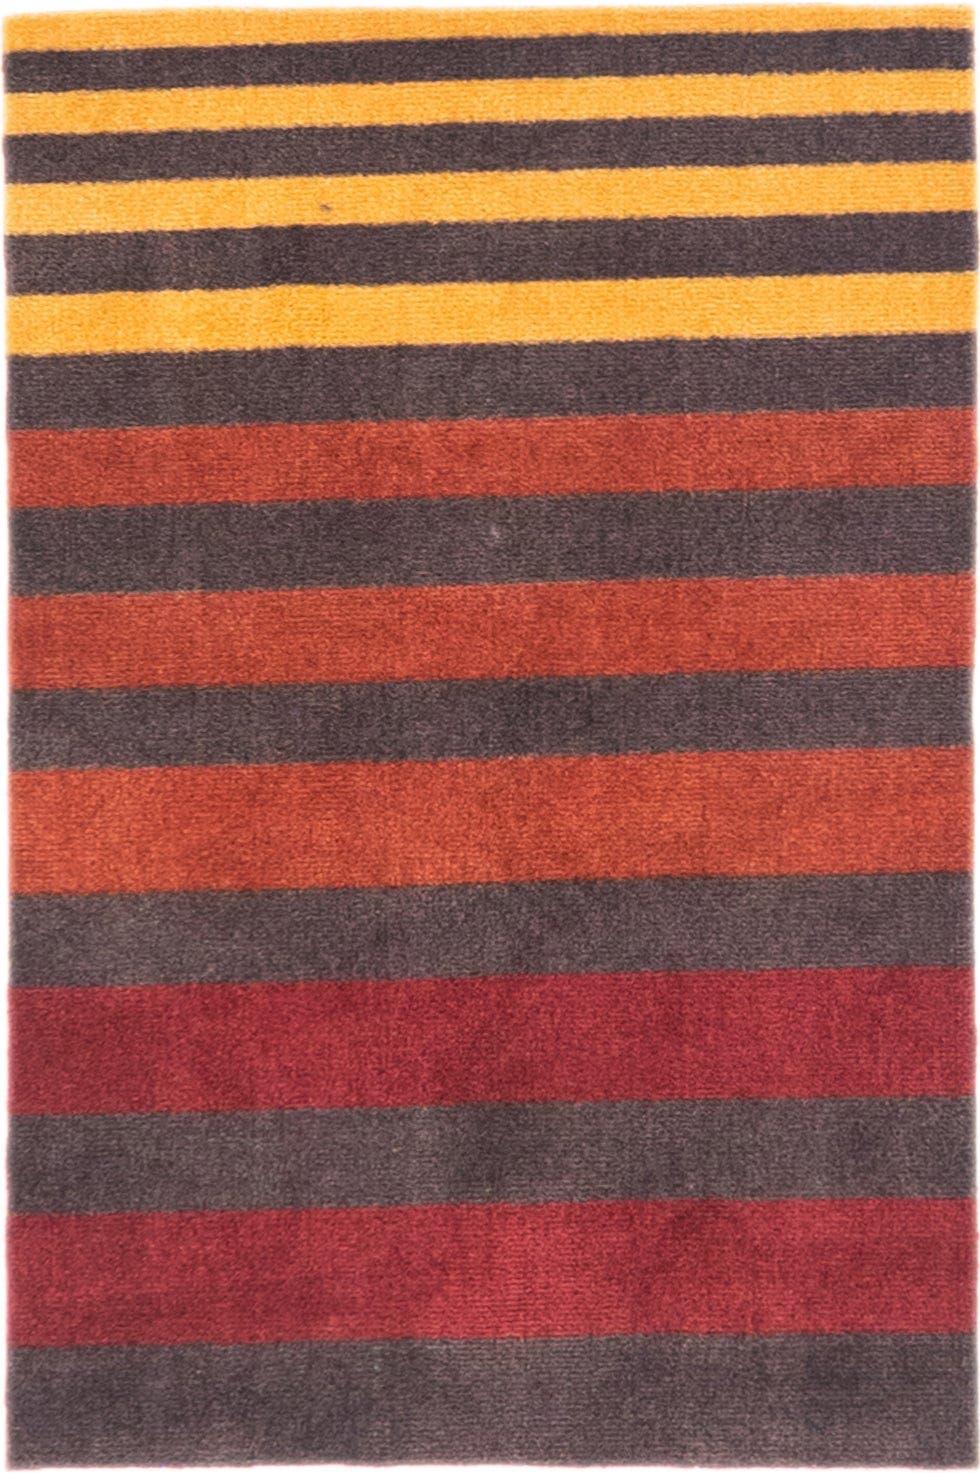 2' x 3' Doormat Rug main image